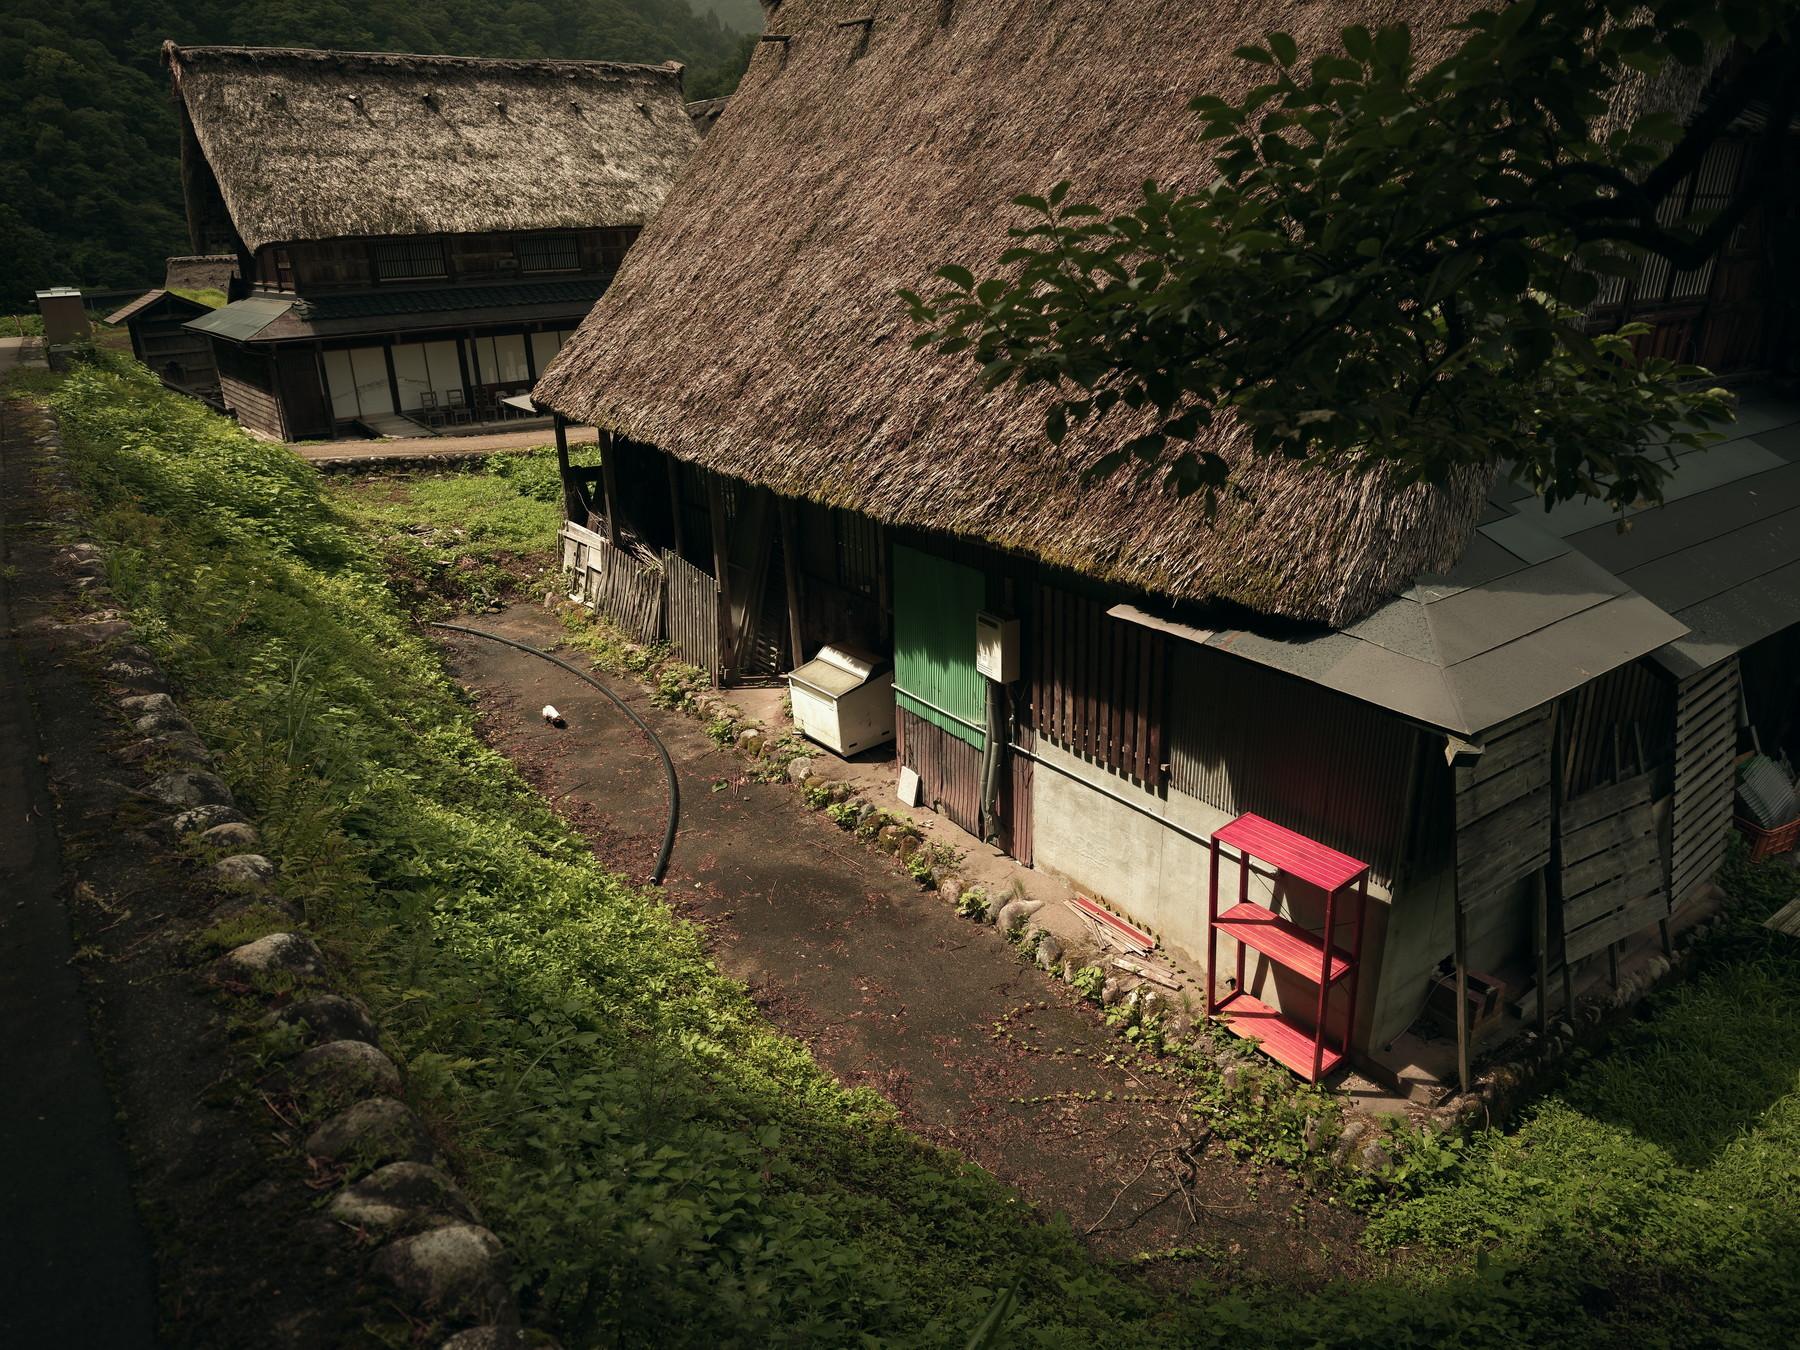 五箇山の暮らし(菅沼集落)の作例写真